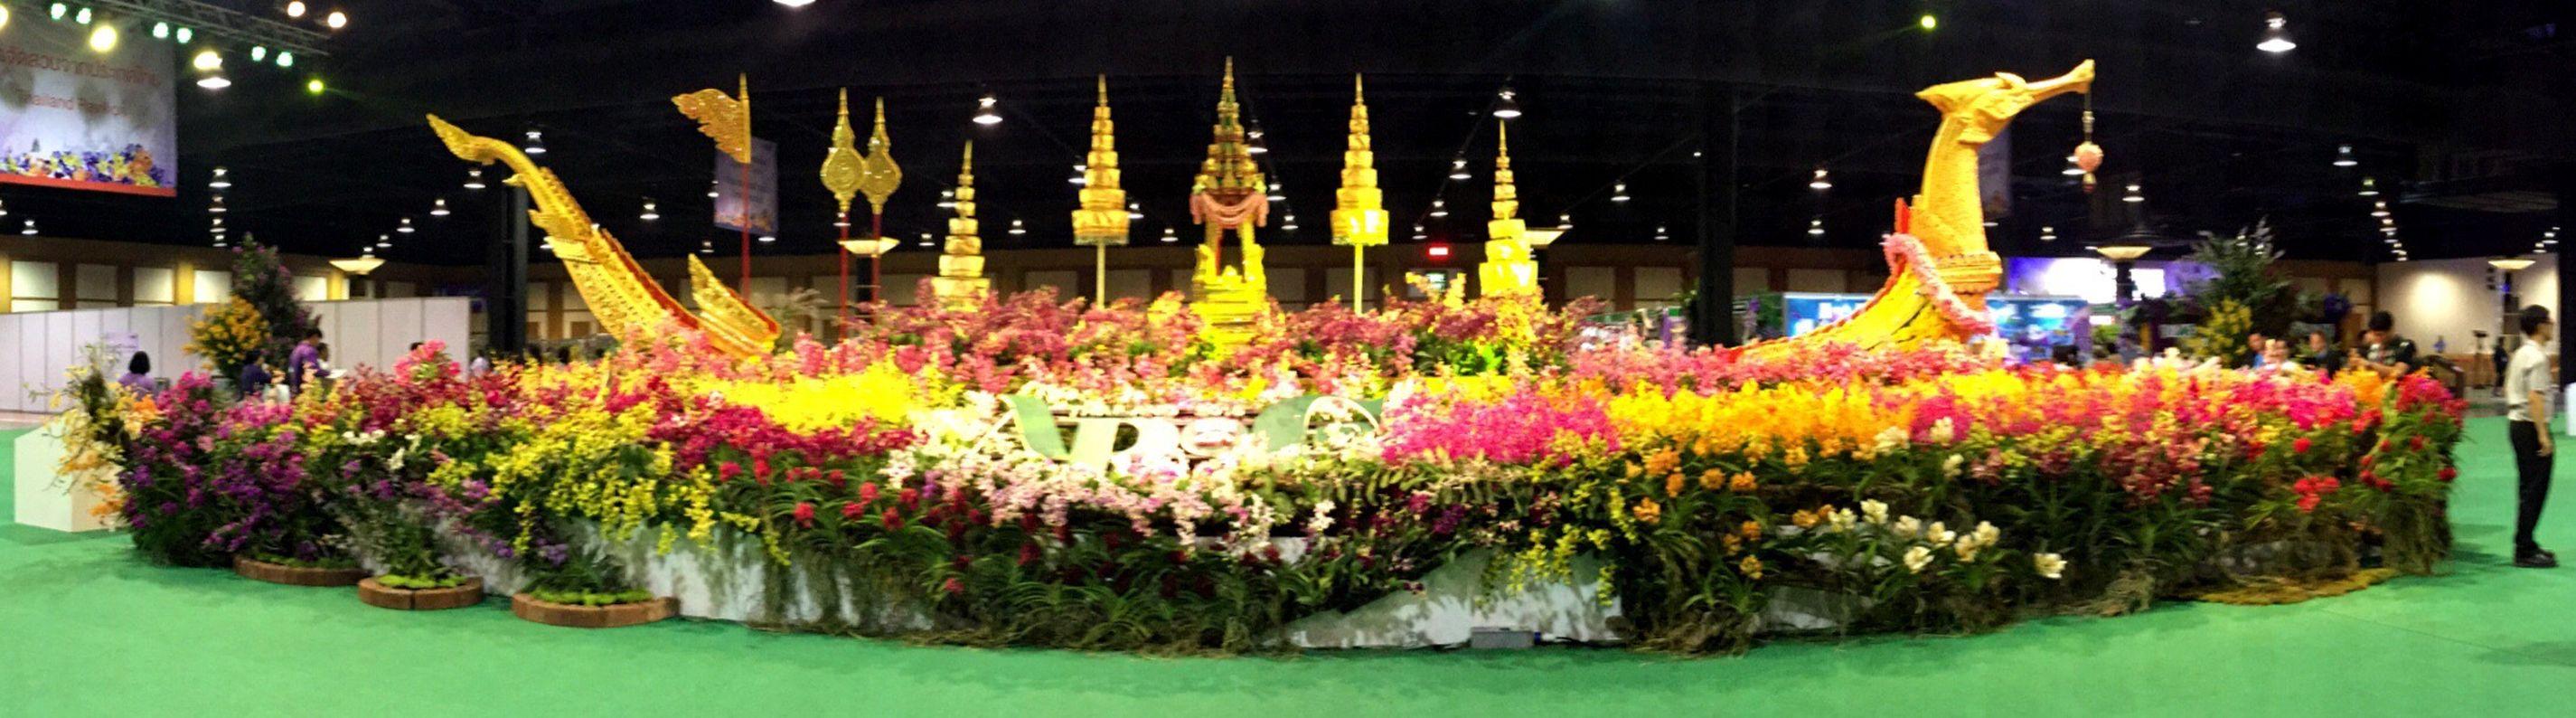 การประชุมวิชาการกล้วยไม้เอเชียแปซิฟิก (Asia Pacific Orchid Conference) เรือสุพรรณหงส์จำลอง (Royal Barge Suphannahong) Photography Colorful Colors Arragements Boat Barge Orchids Flowers Lights Panorama Panoramic Photography